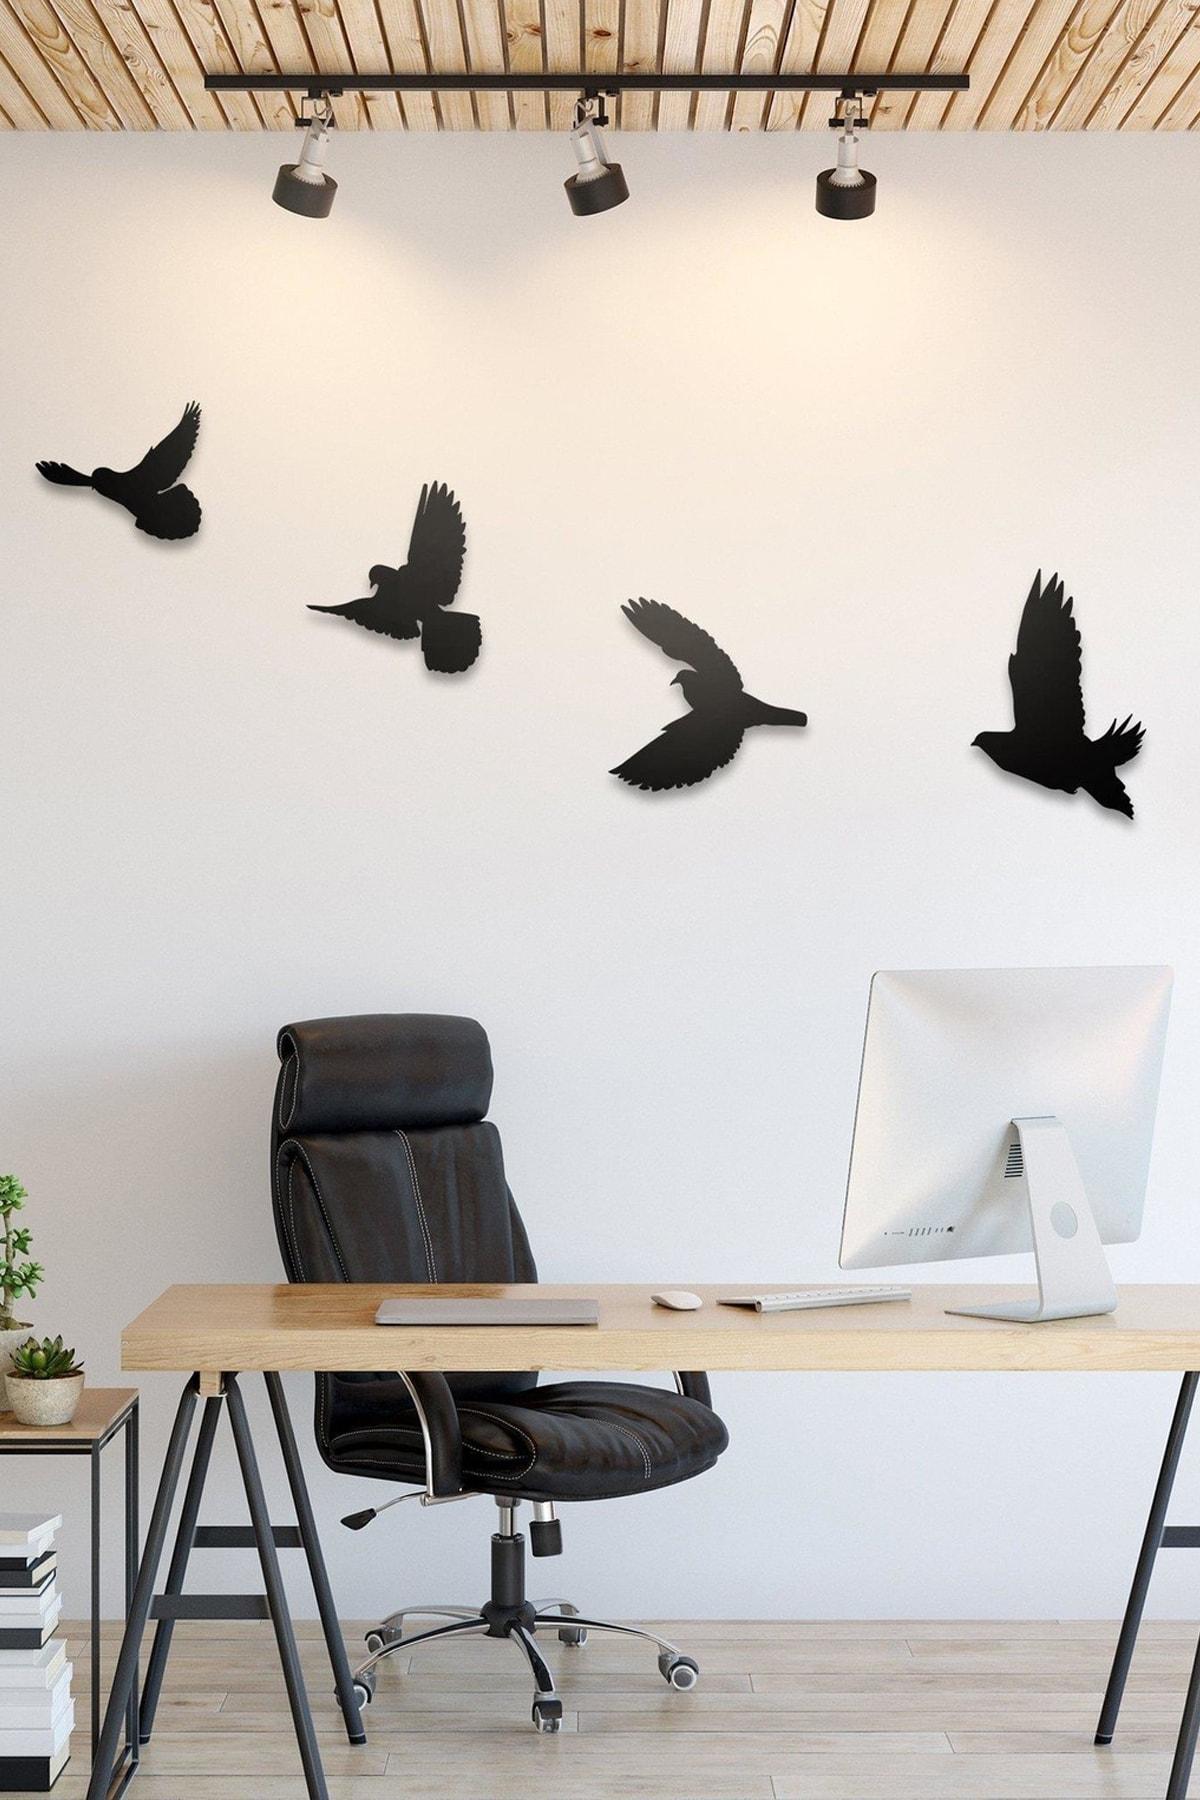 Üçgen Dekoratif Modern Dörtlü Kuş Duvar Süsü Duvar Dekoru 1